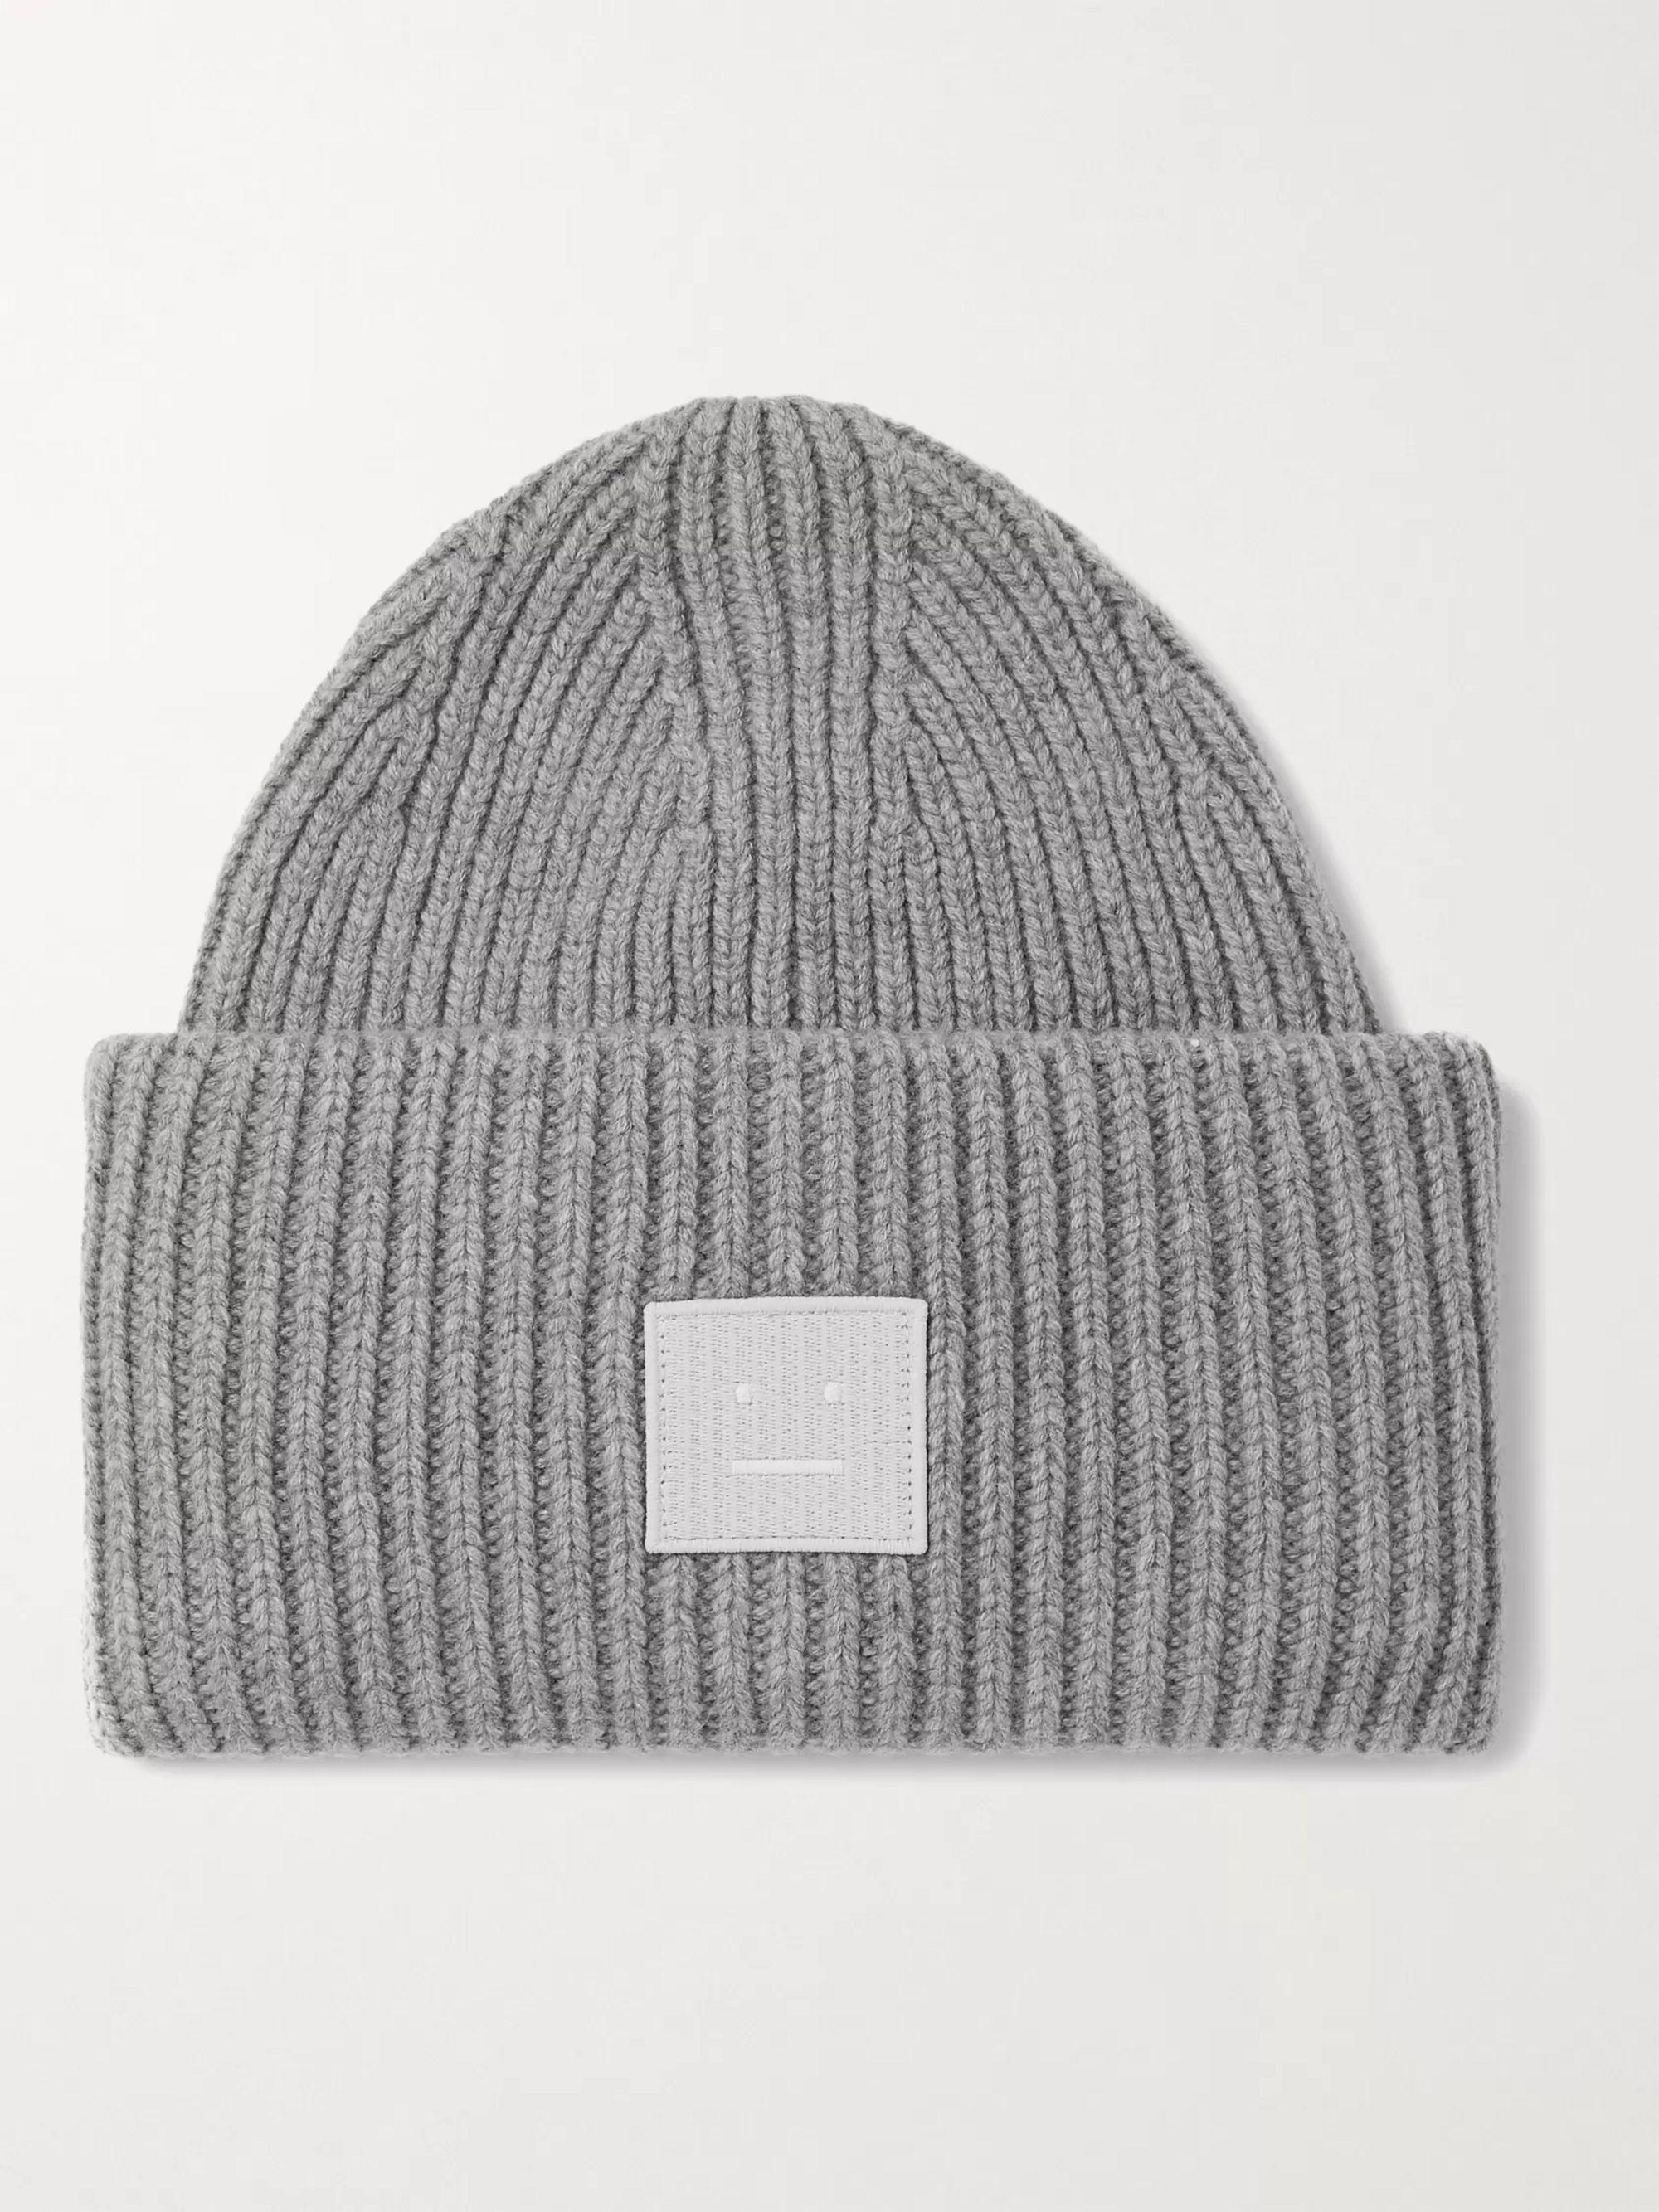 아크네 스튜디오 로고 울 비니 Acne Studios Logo-Appliqued Ribbed Wool Beanie,Gray